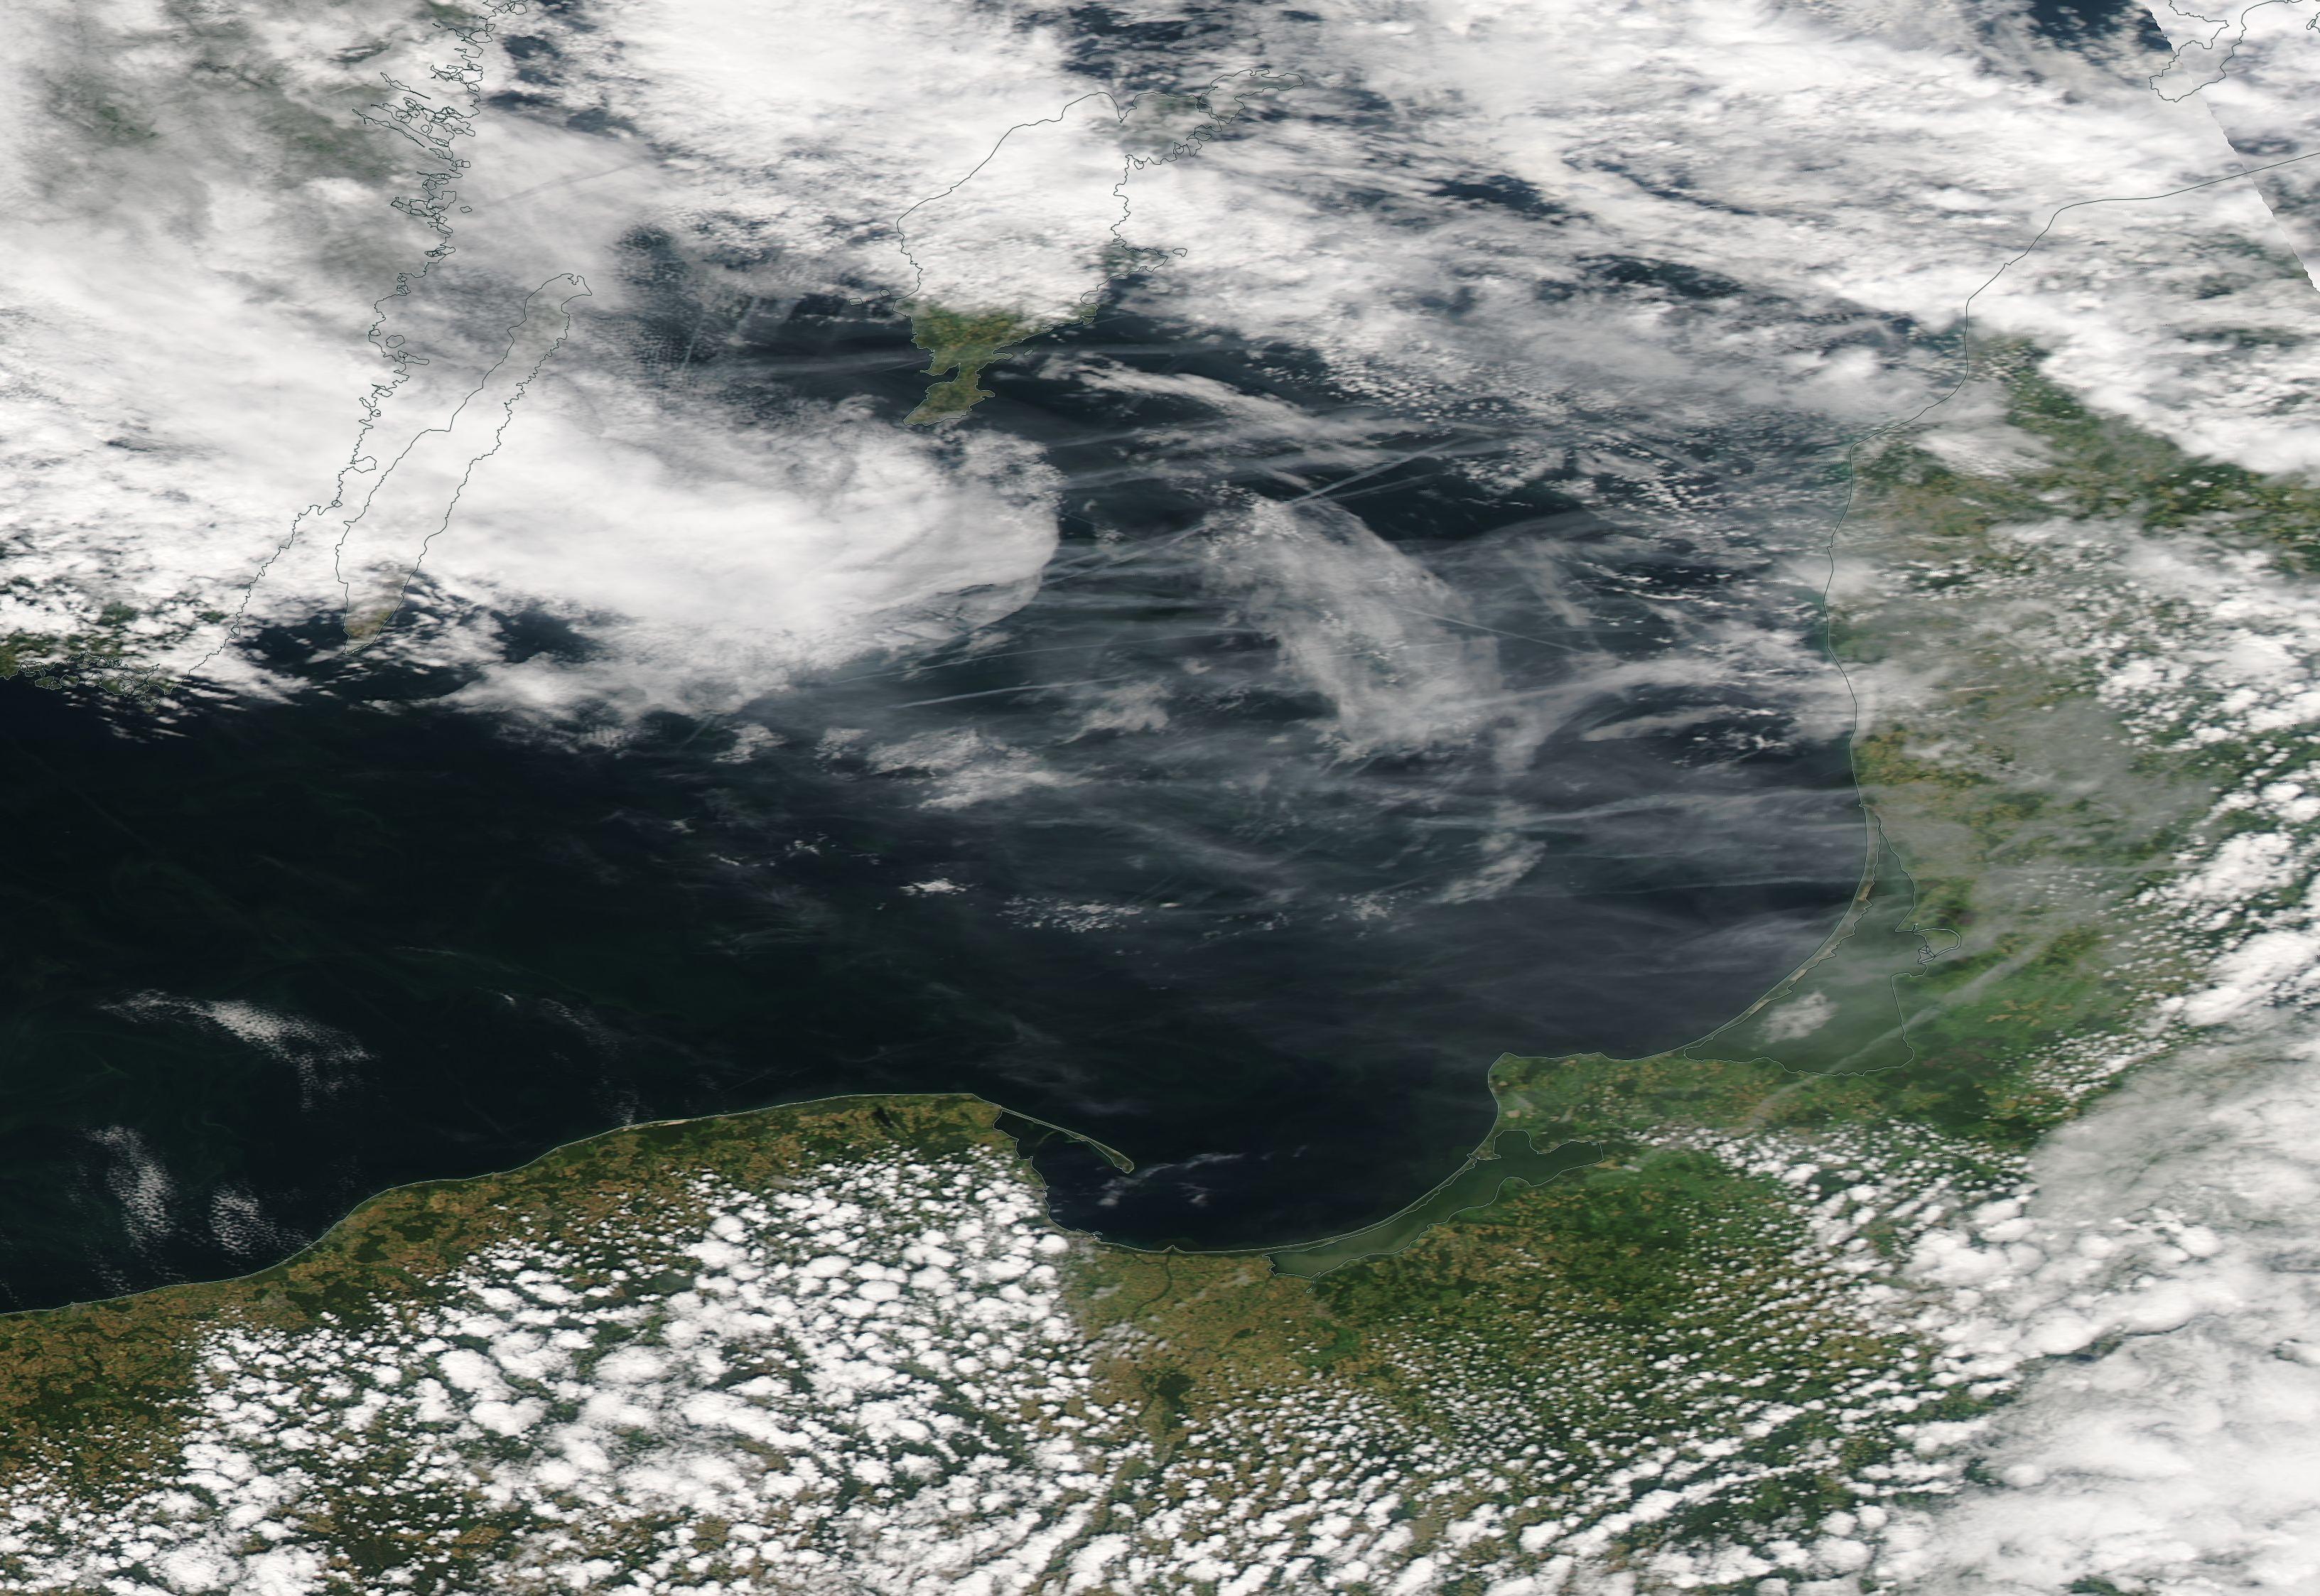 Gdansk, Gotland, Kaliningrad chemtrail geoengineering https://go.nasa.gov/2llrHYv